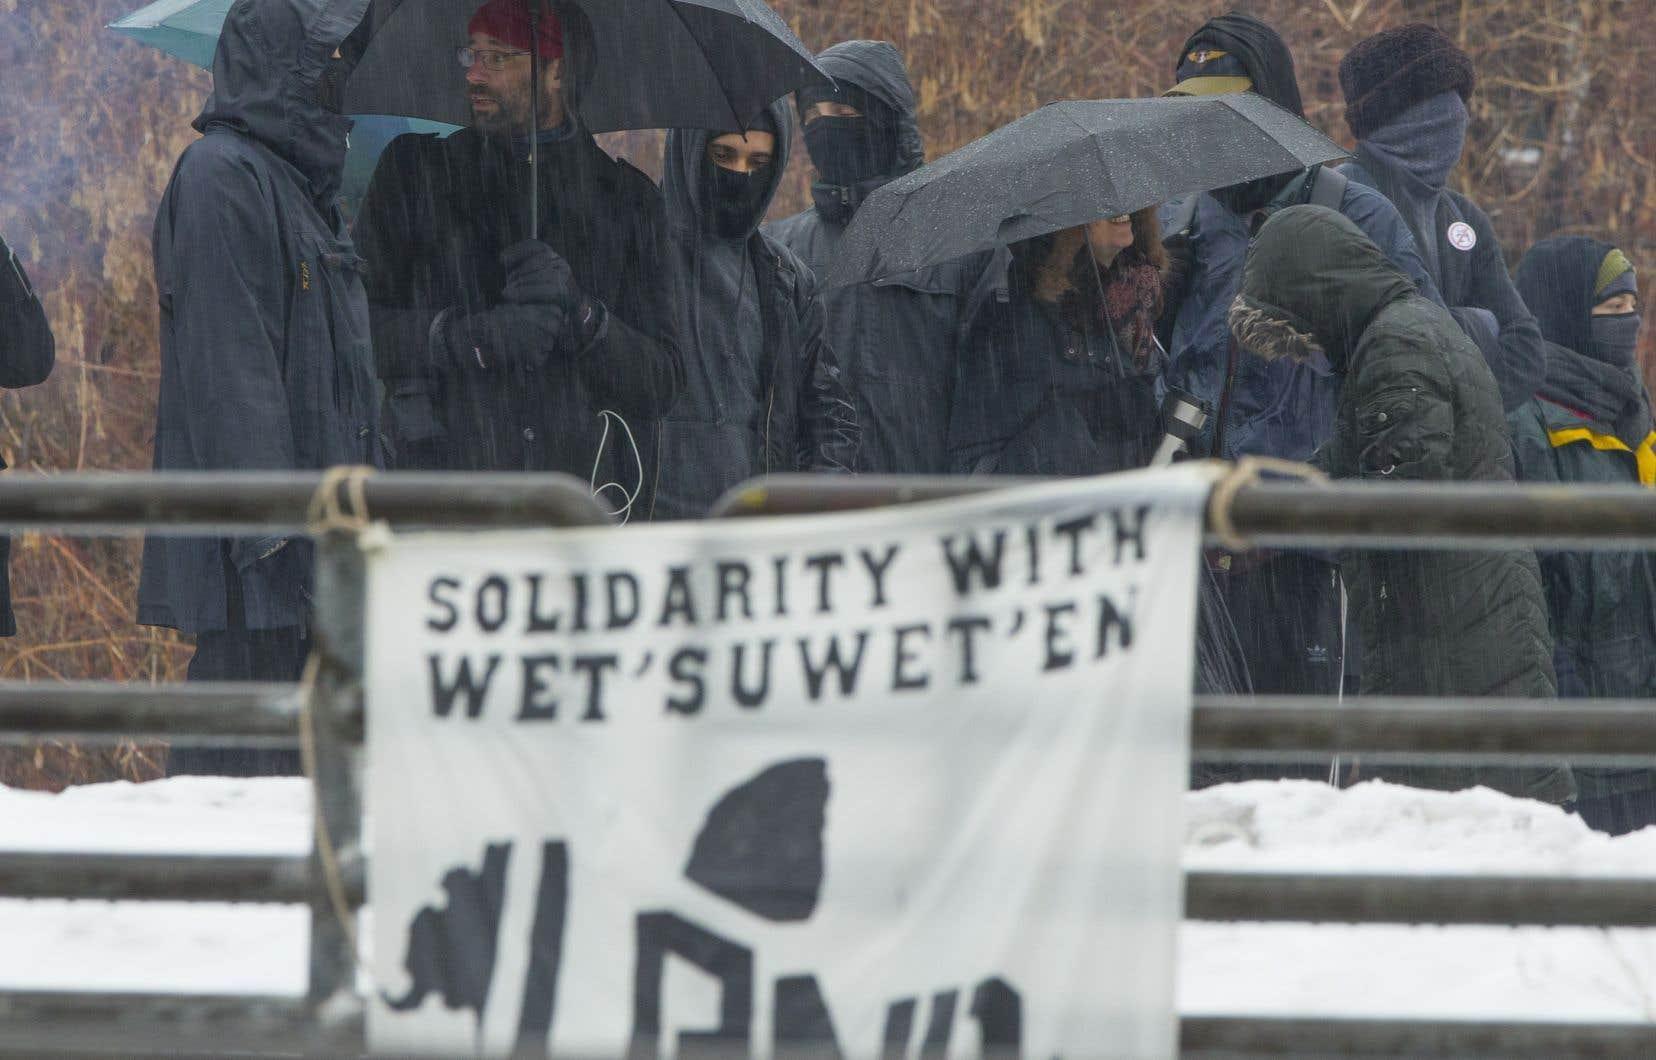 Malgré la pluie, les manifestants étaient bien déterminés à rester aussi longtemps que possible. Ils n'ont par contre par voulu faire d'autres commentaires aux médias.